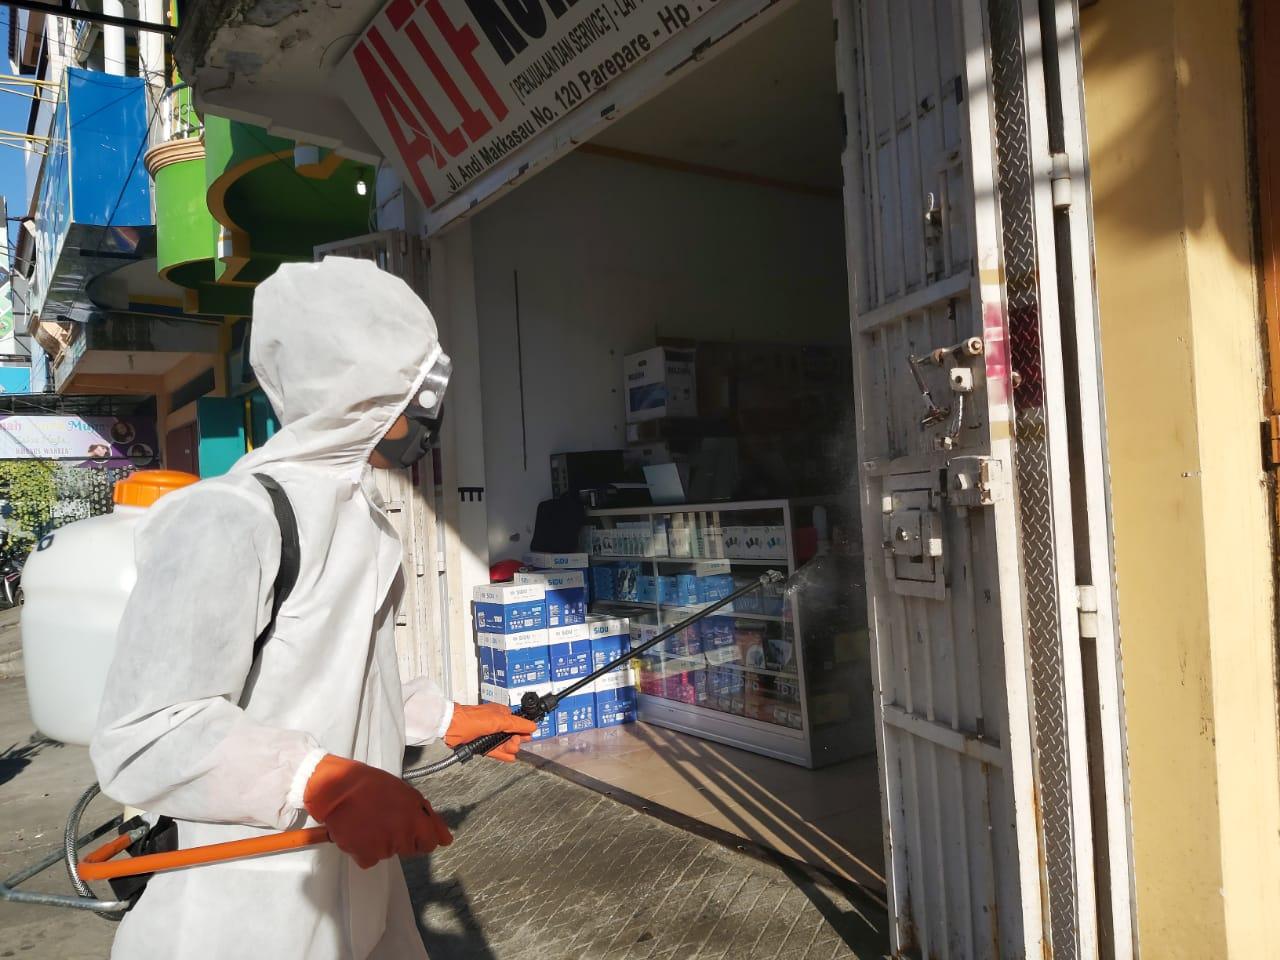 Sterilisasi Kawasan Pertokoan, TGTPP Soreang Lakukan Penyemprotan Disinfektan